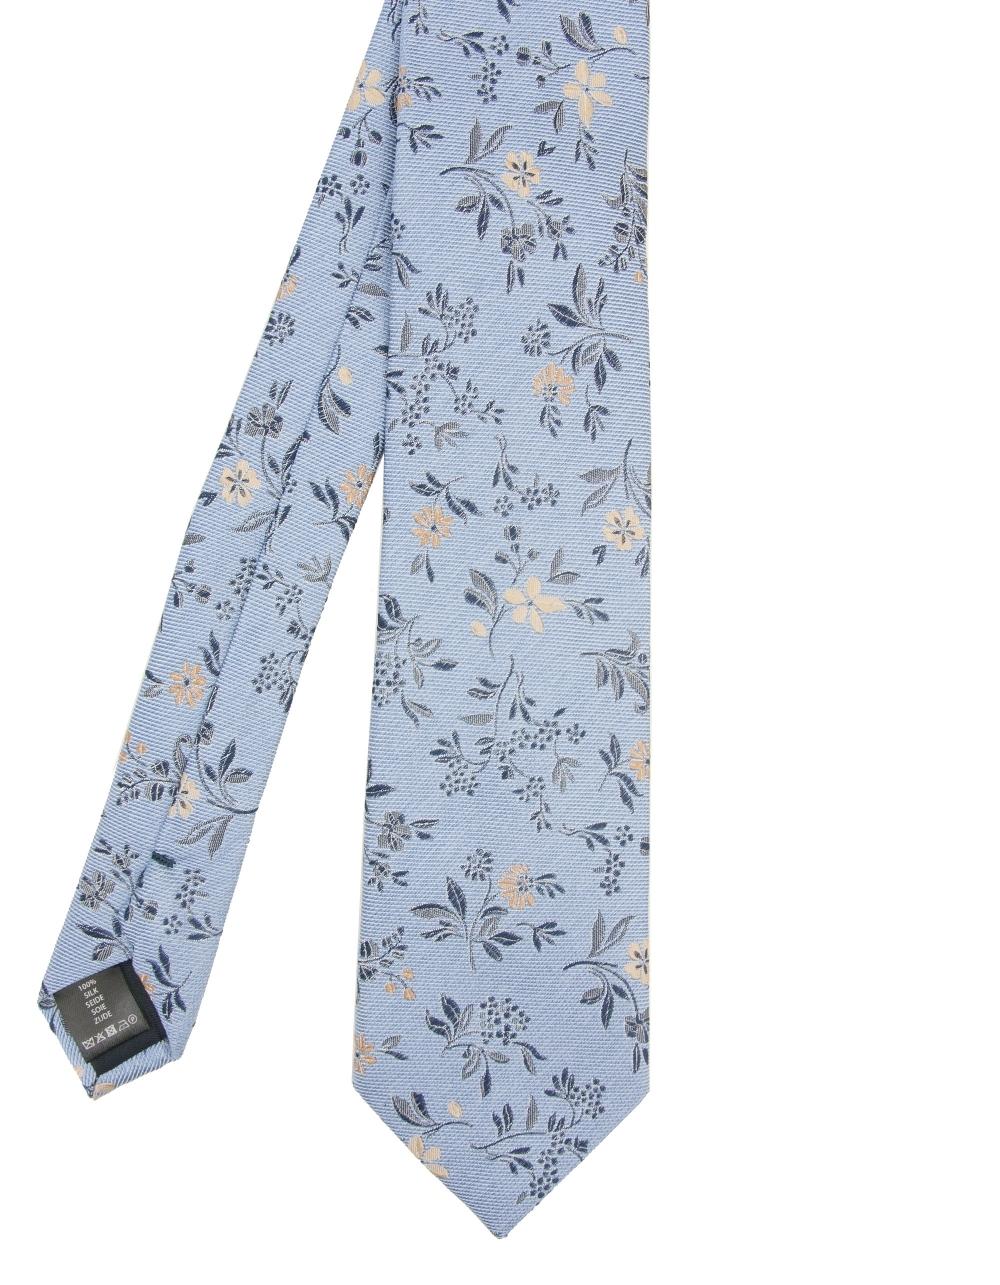 Michaelis Floral Tie